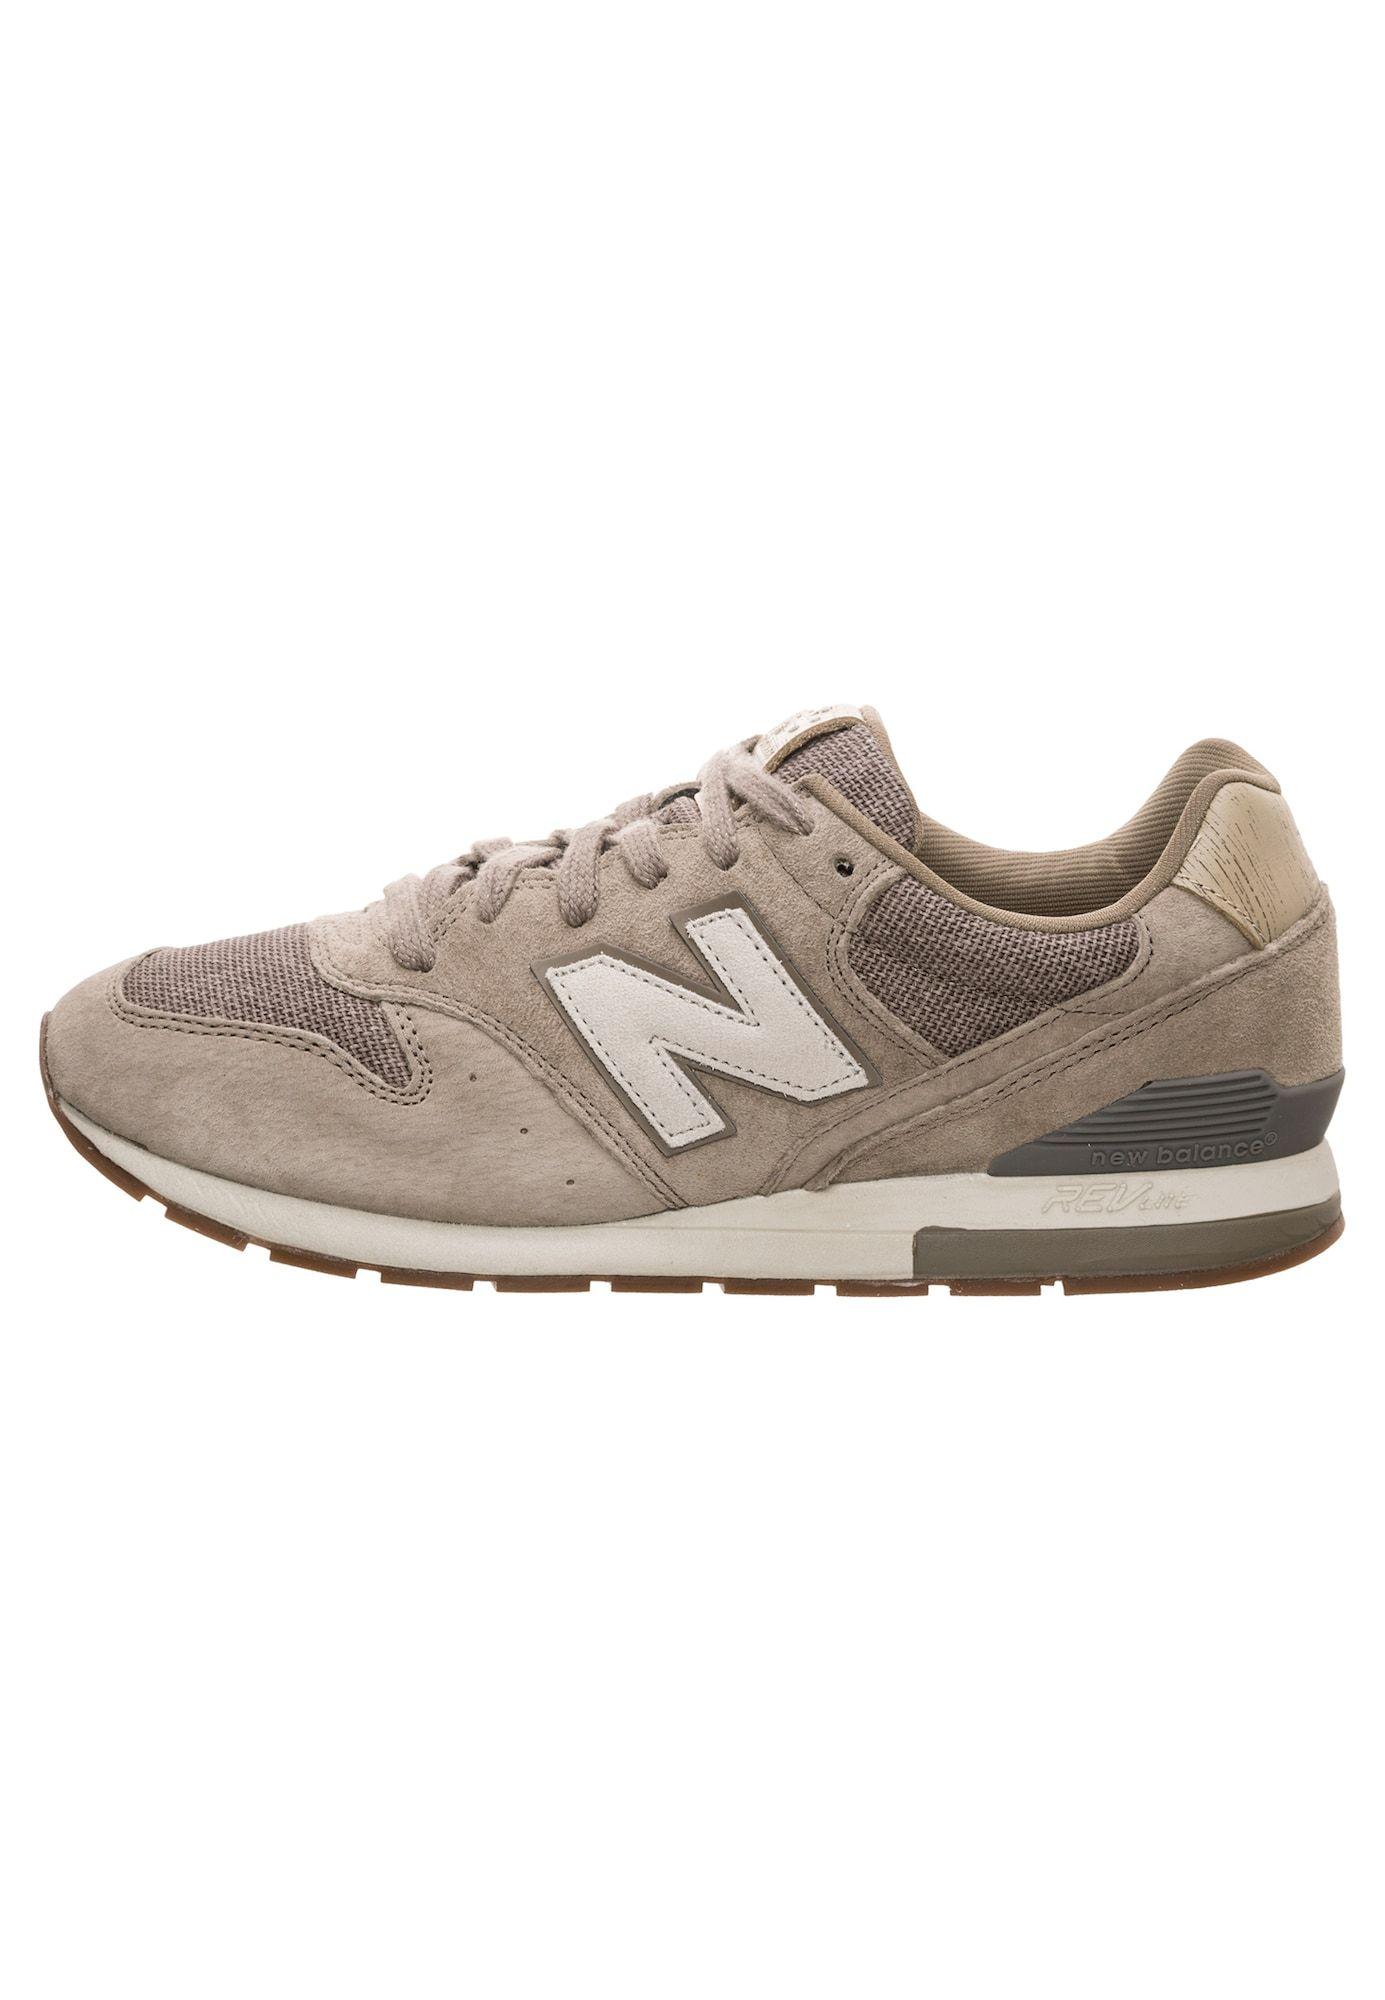 New Balance Sneaker 'MRL996-PC-'D Herren, Hellbraun, Größe ...